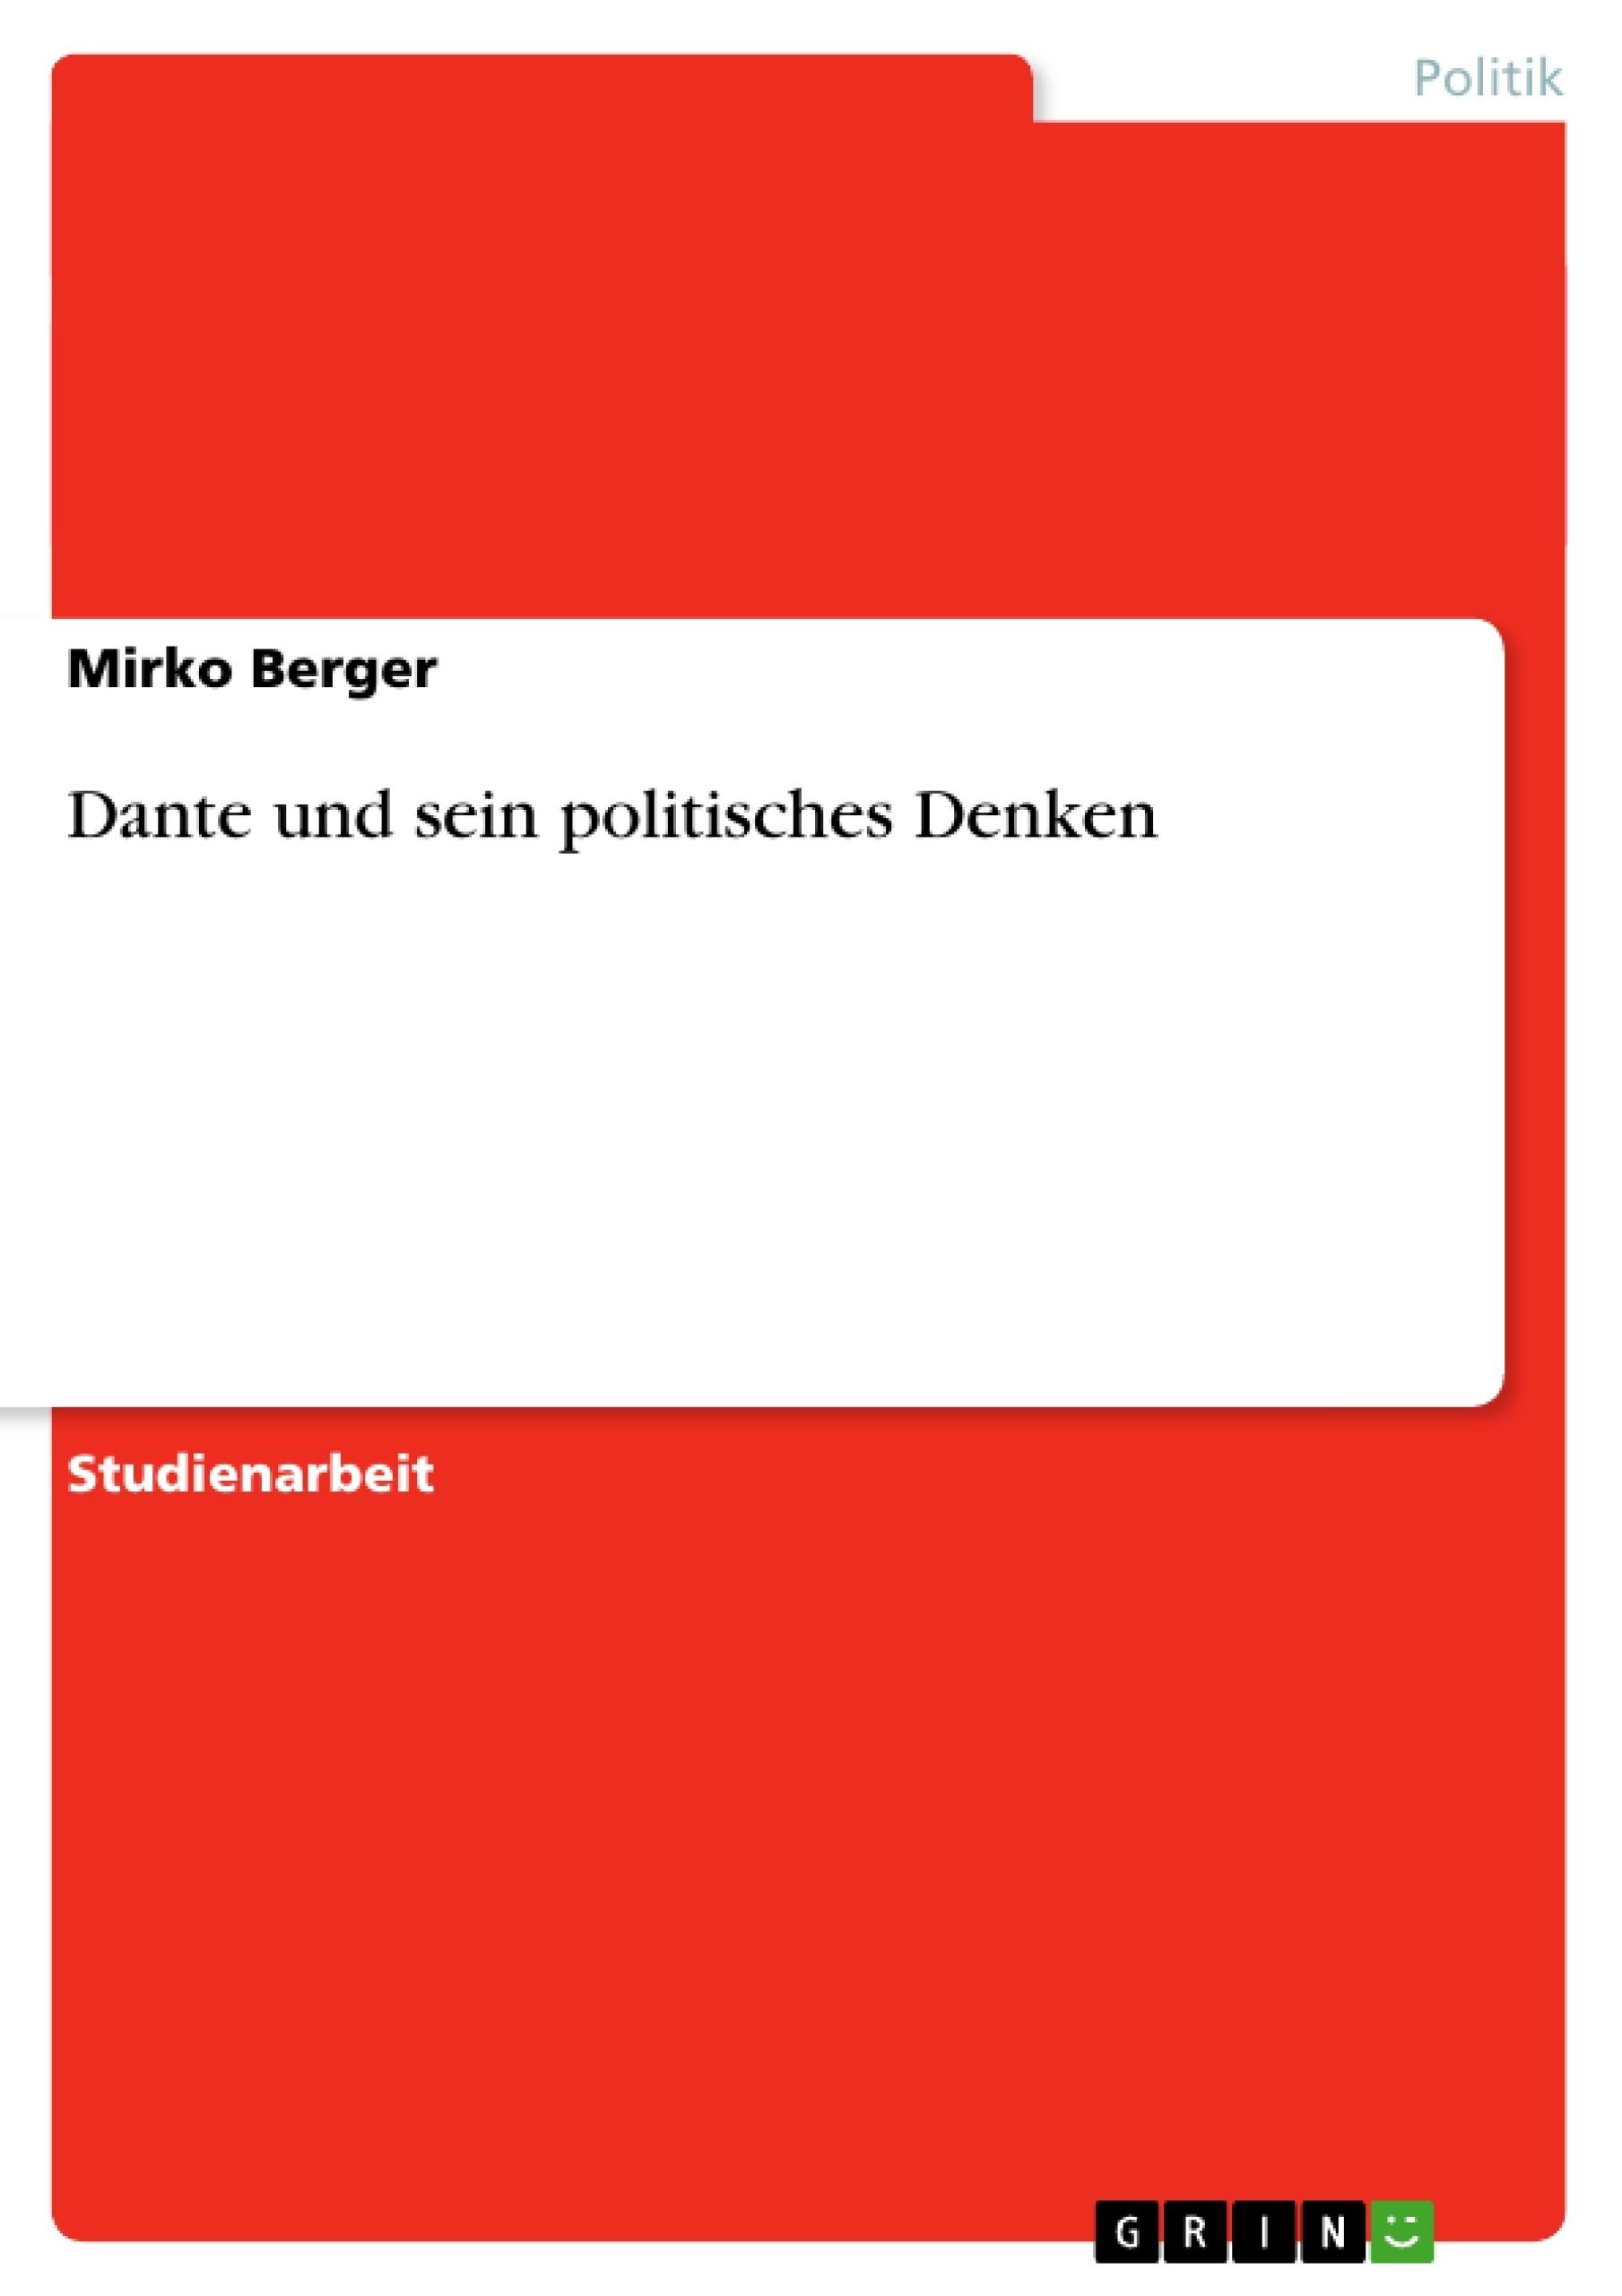 Titel: Dante und sein politisches Denken